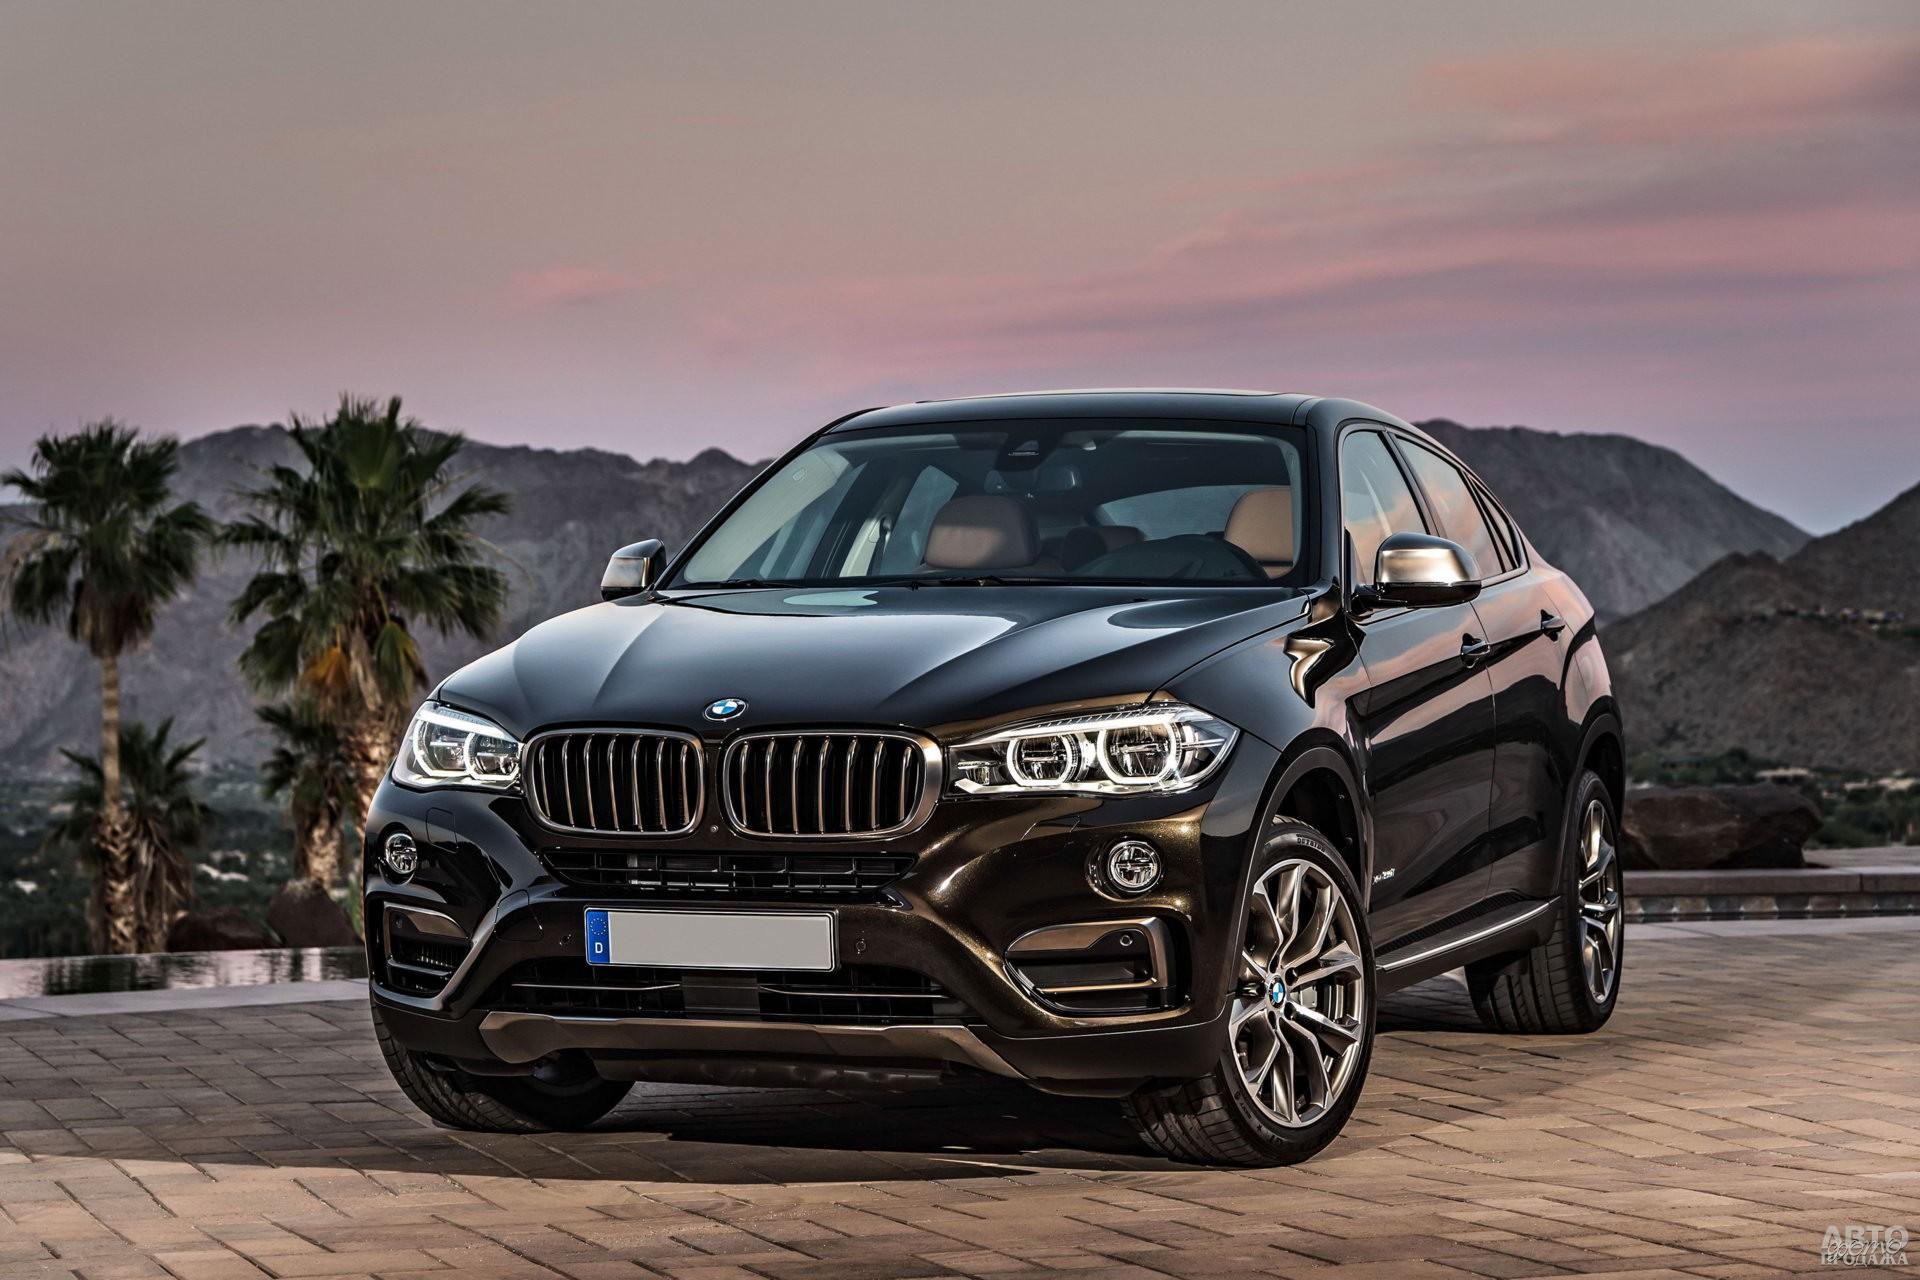 Передний бампер BMW_X6 выполнен Х-образным